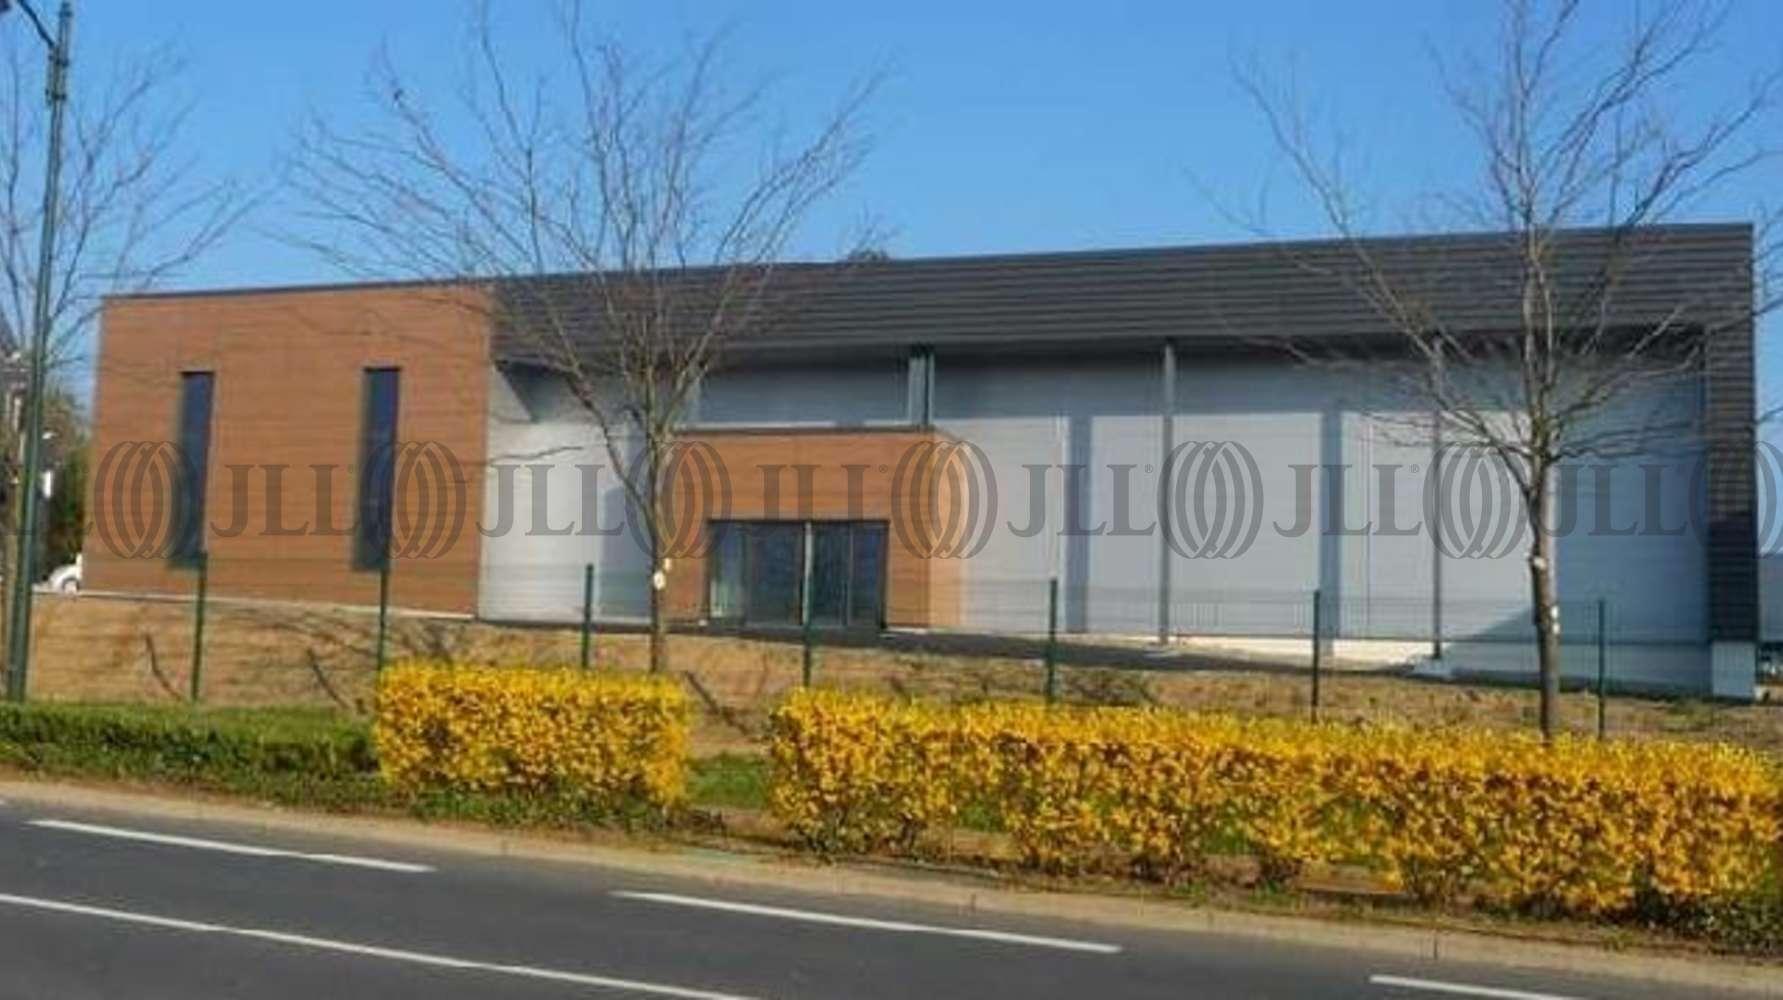 Activités/entrepôt Gleize, 69400 - LOCATION ACHAT LOCAUX D ACTIVITE GLEIZE - 9453911